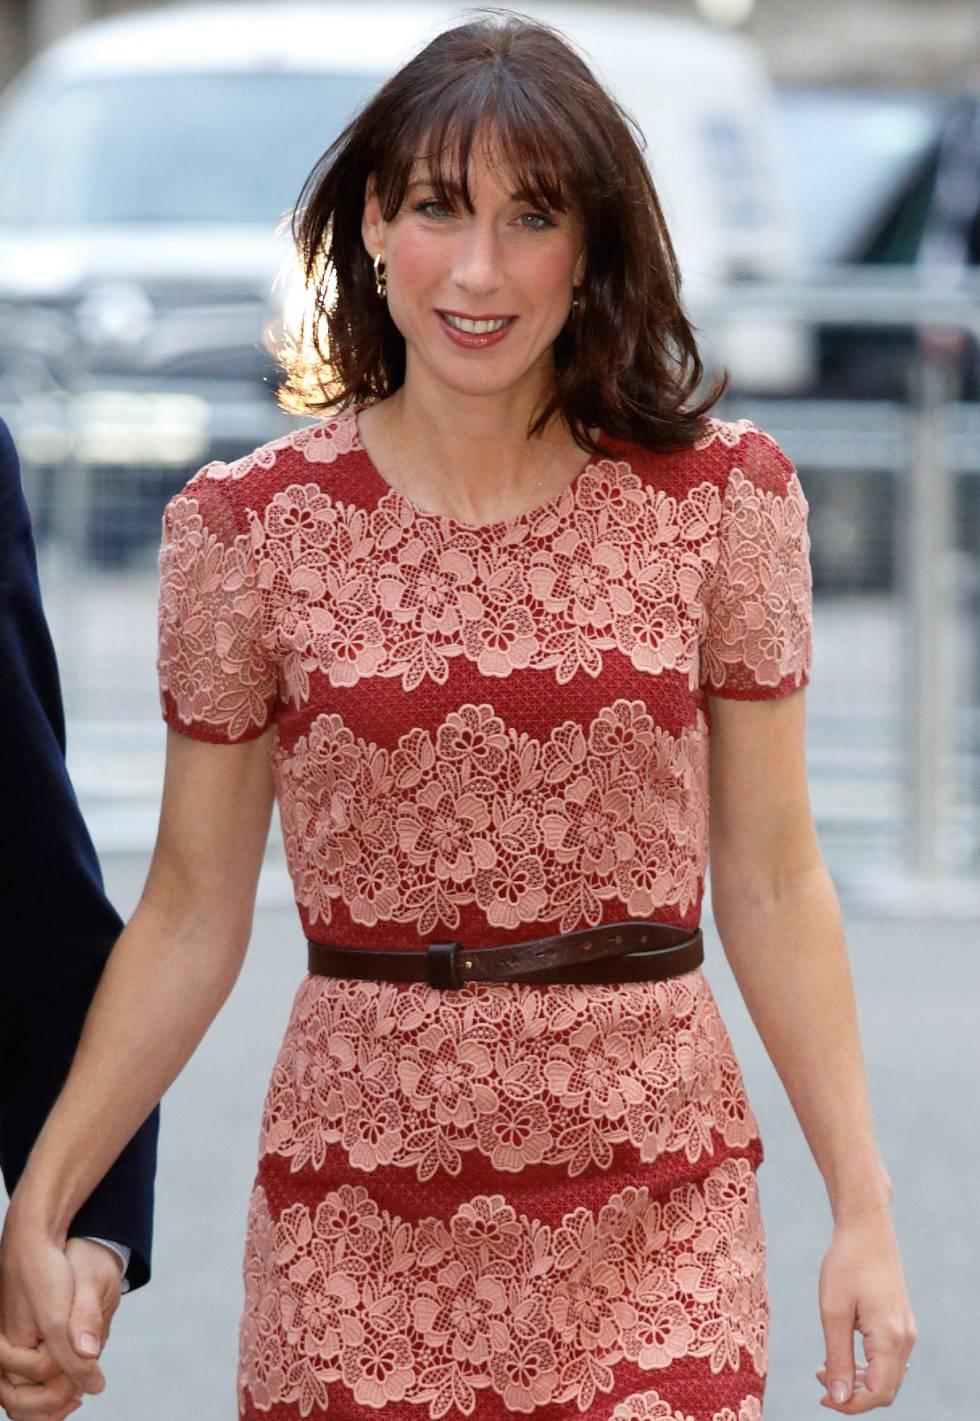 Samantha Cameron lanzará una línea de ropa   Estilo   EL PAÍS